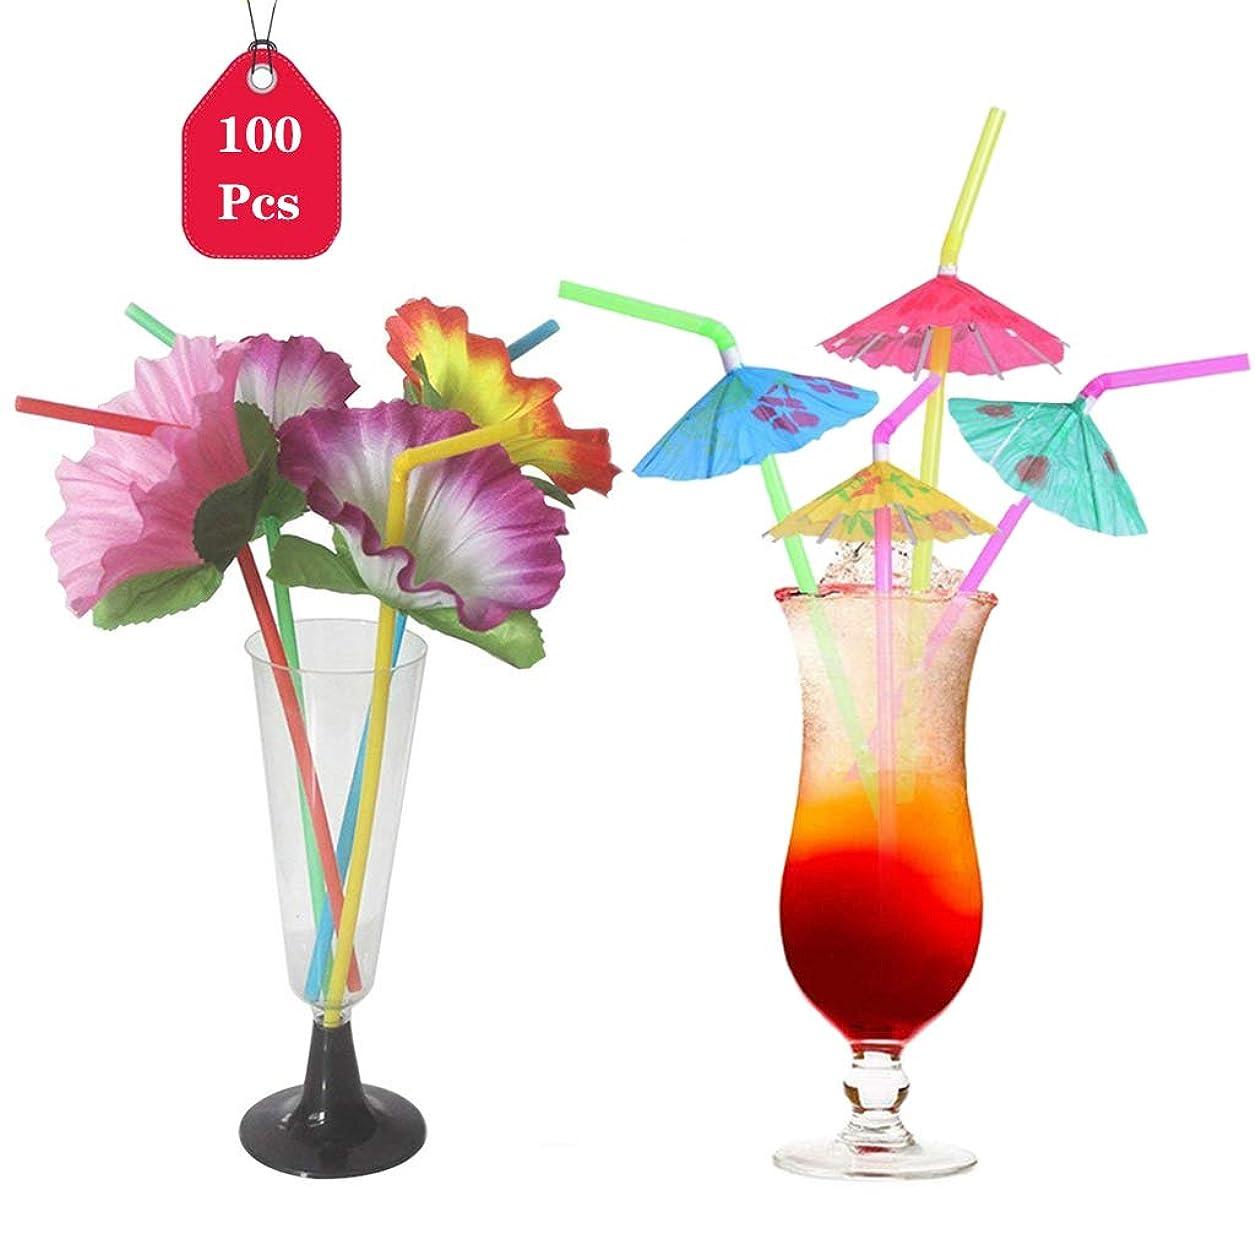 プーノ吸収めるTumao ストロー 使い捨て カラフル 100本入り カラフル傘 薔薇 造型 パーティー 誕生日 結婚式 バー用品 特別なデザイン 装飾 ピクニック 喫茶店 飲み物用